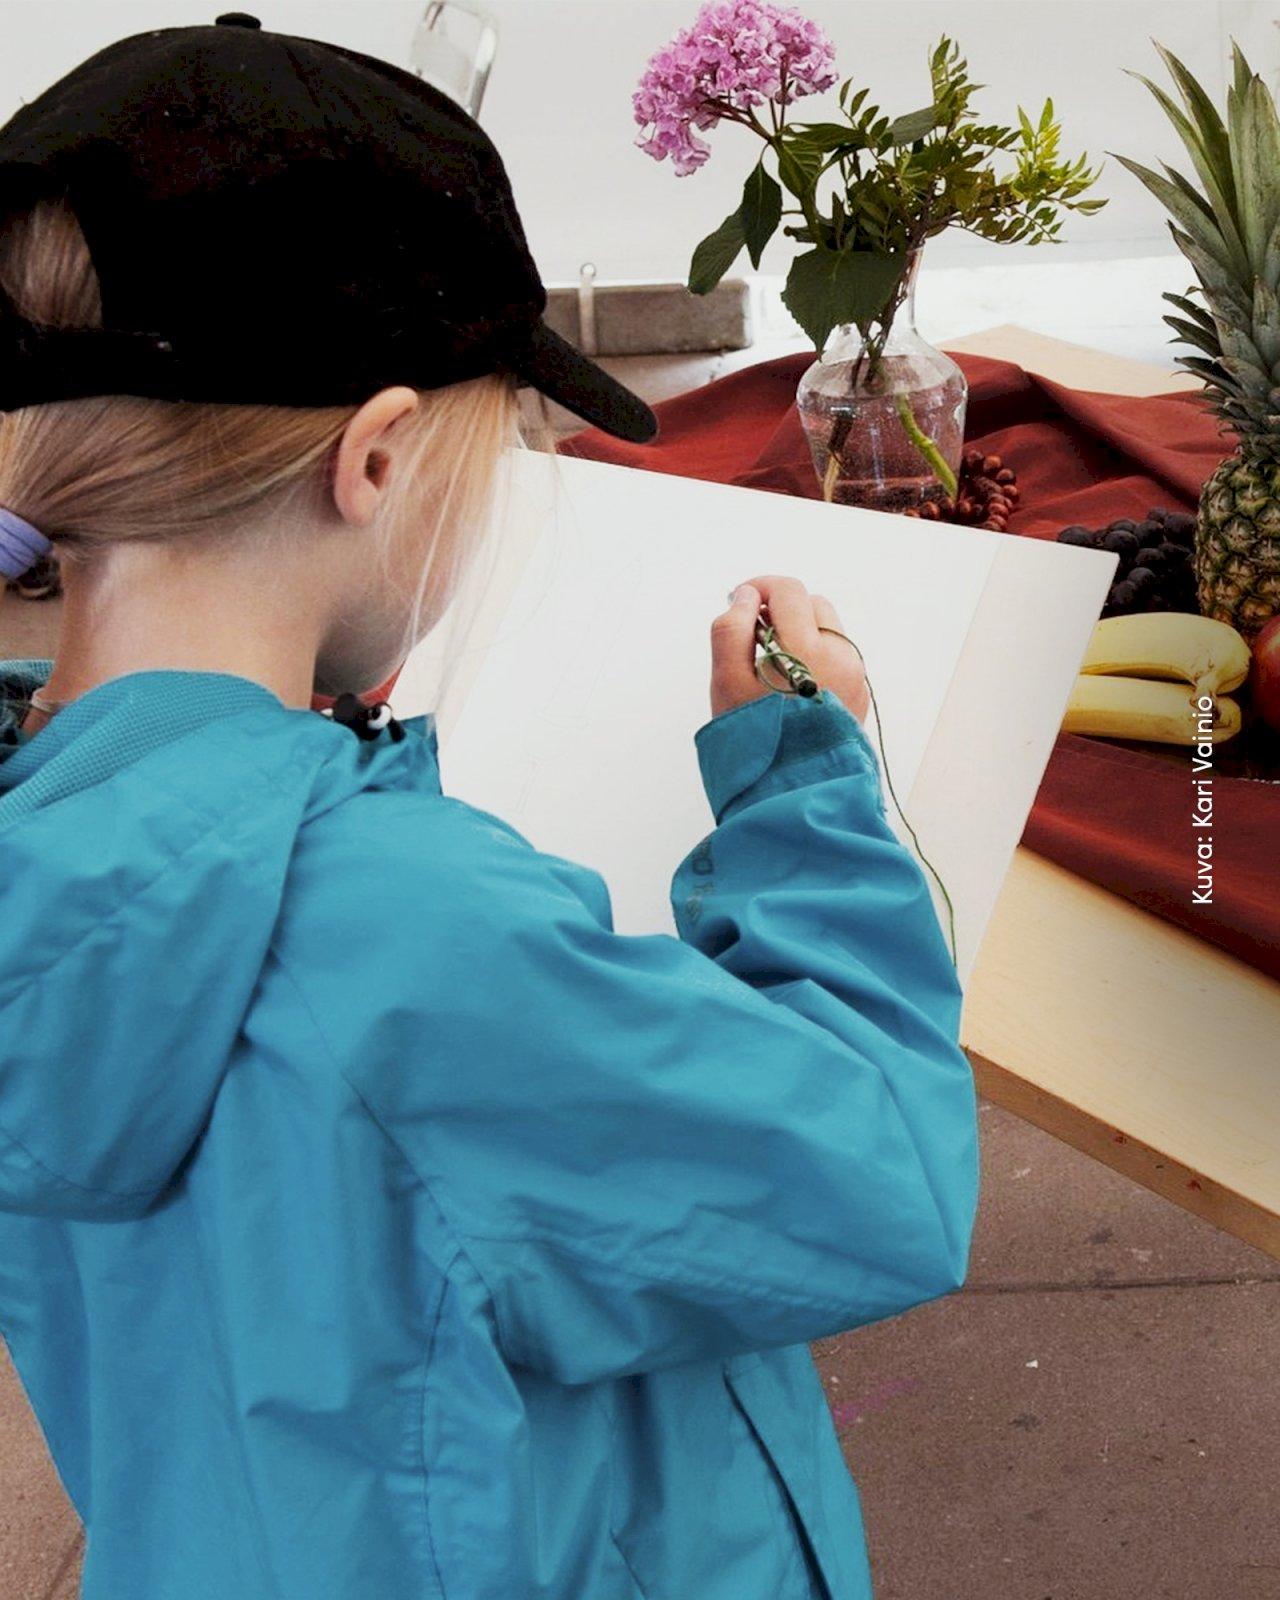 Tyttö piirtää paperille hedelmiä ja kukkia Turun Seikkailupuistossa.